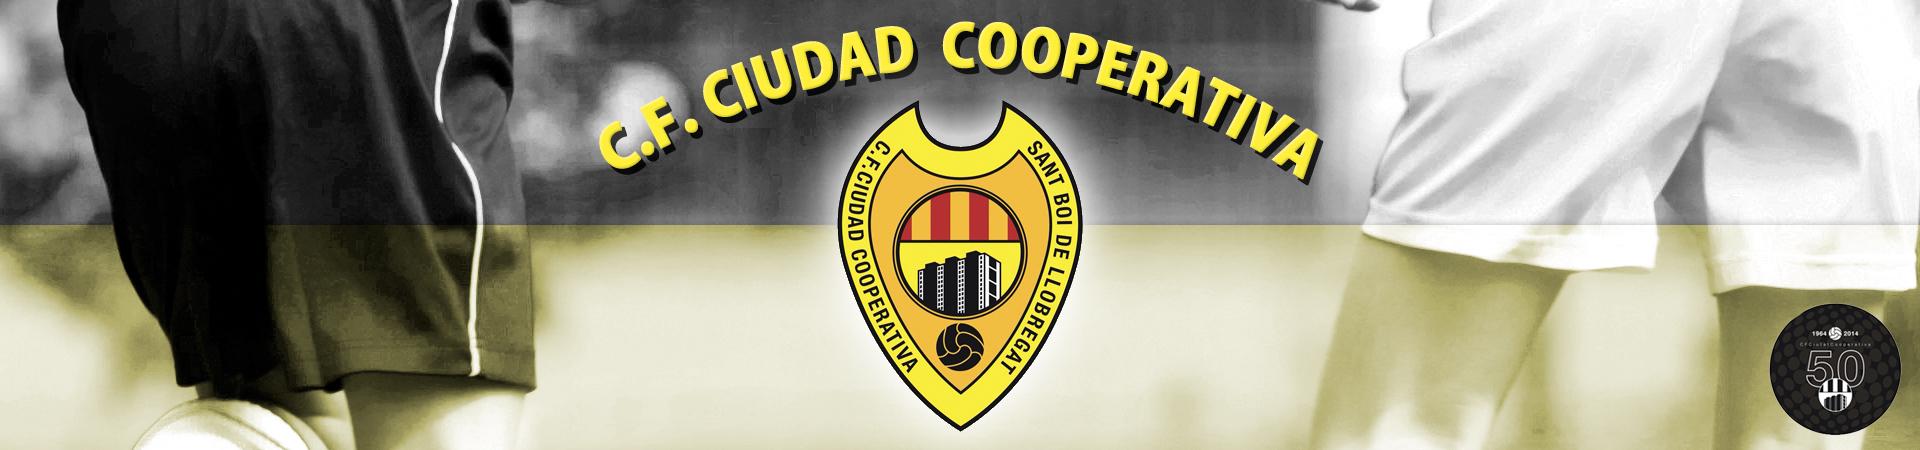 C.F. CIUDAD COOPERATIVA Entitats esportives Sant Boi de Llobregat Barcelona